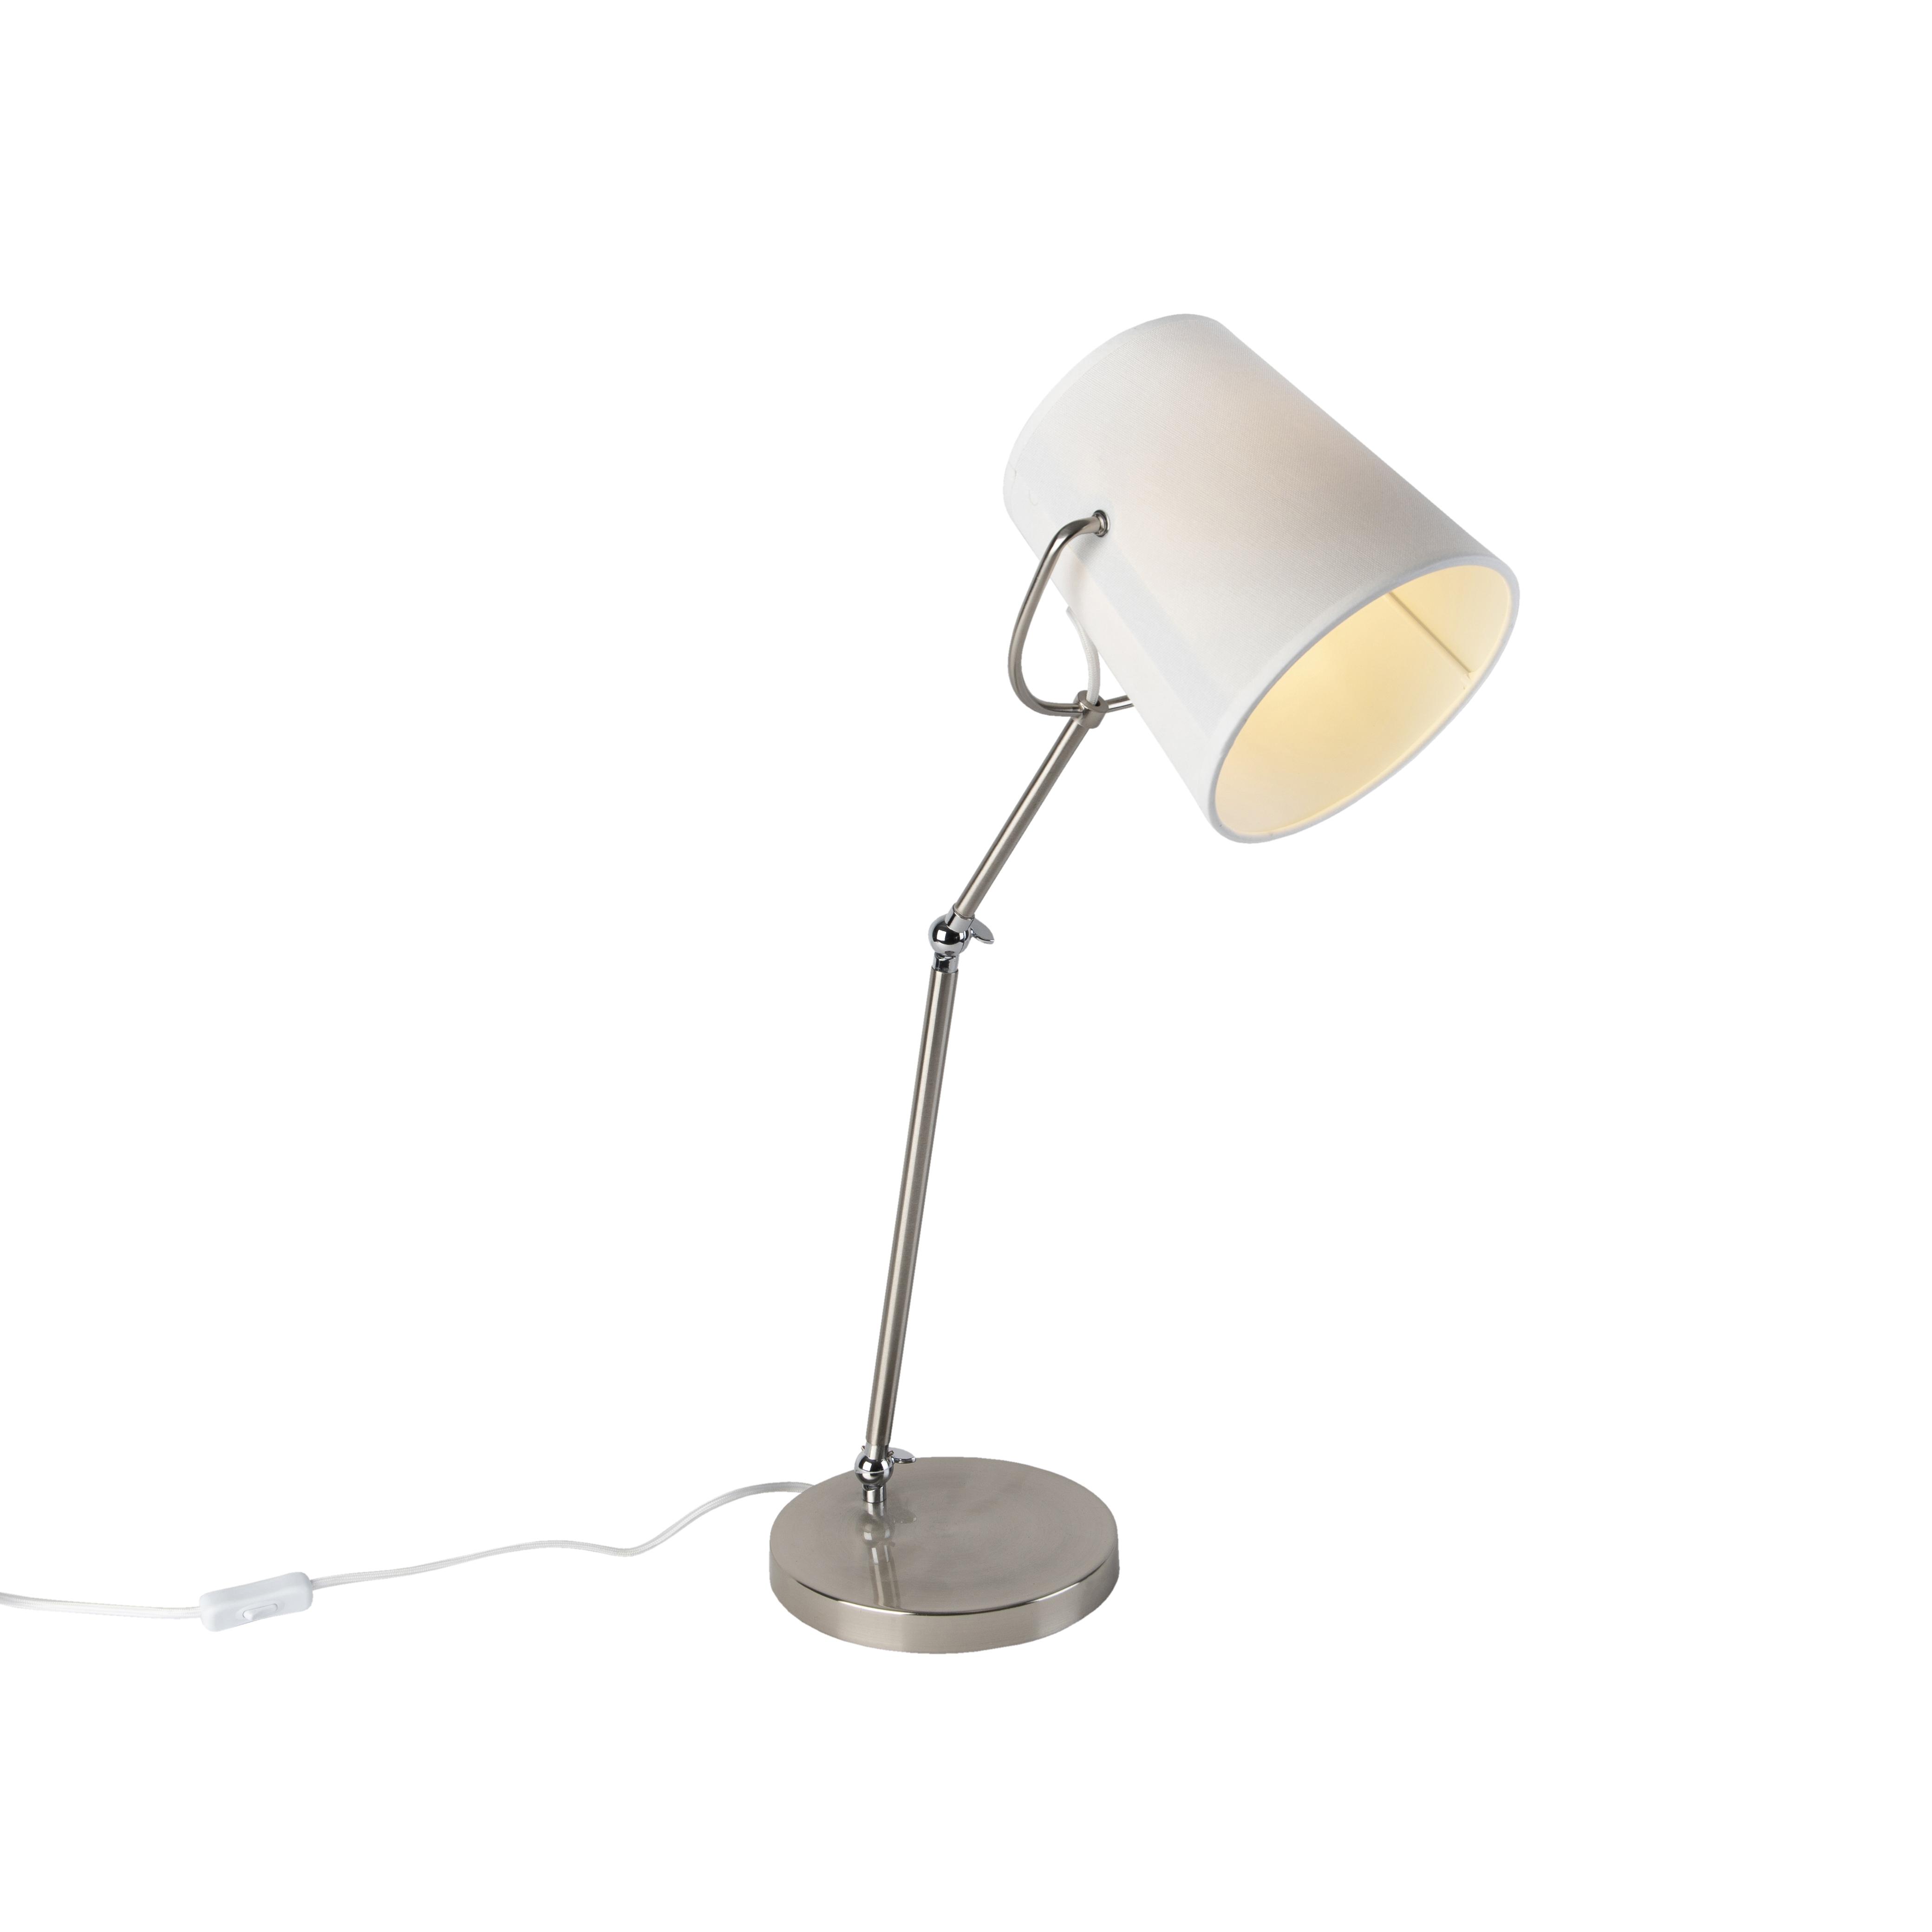 Moderne tafellamp staal met witte kap - Meral